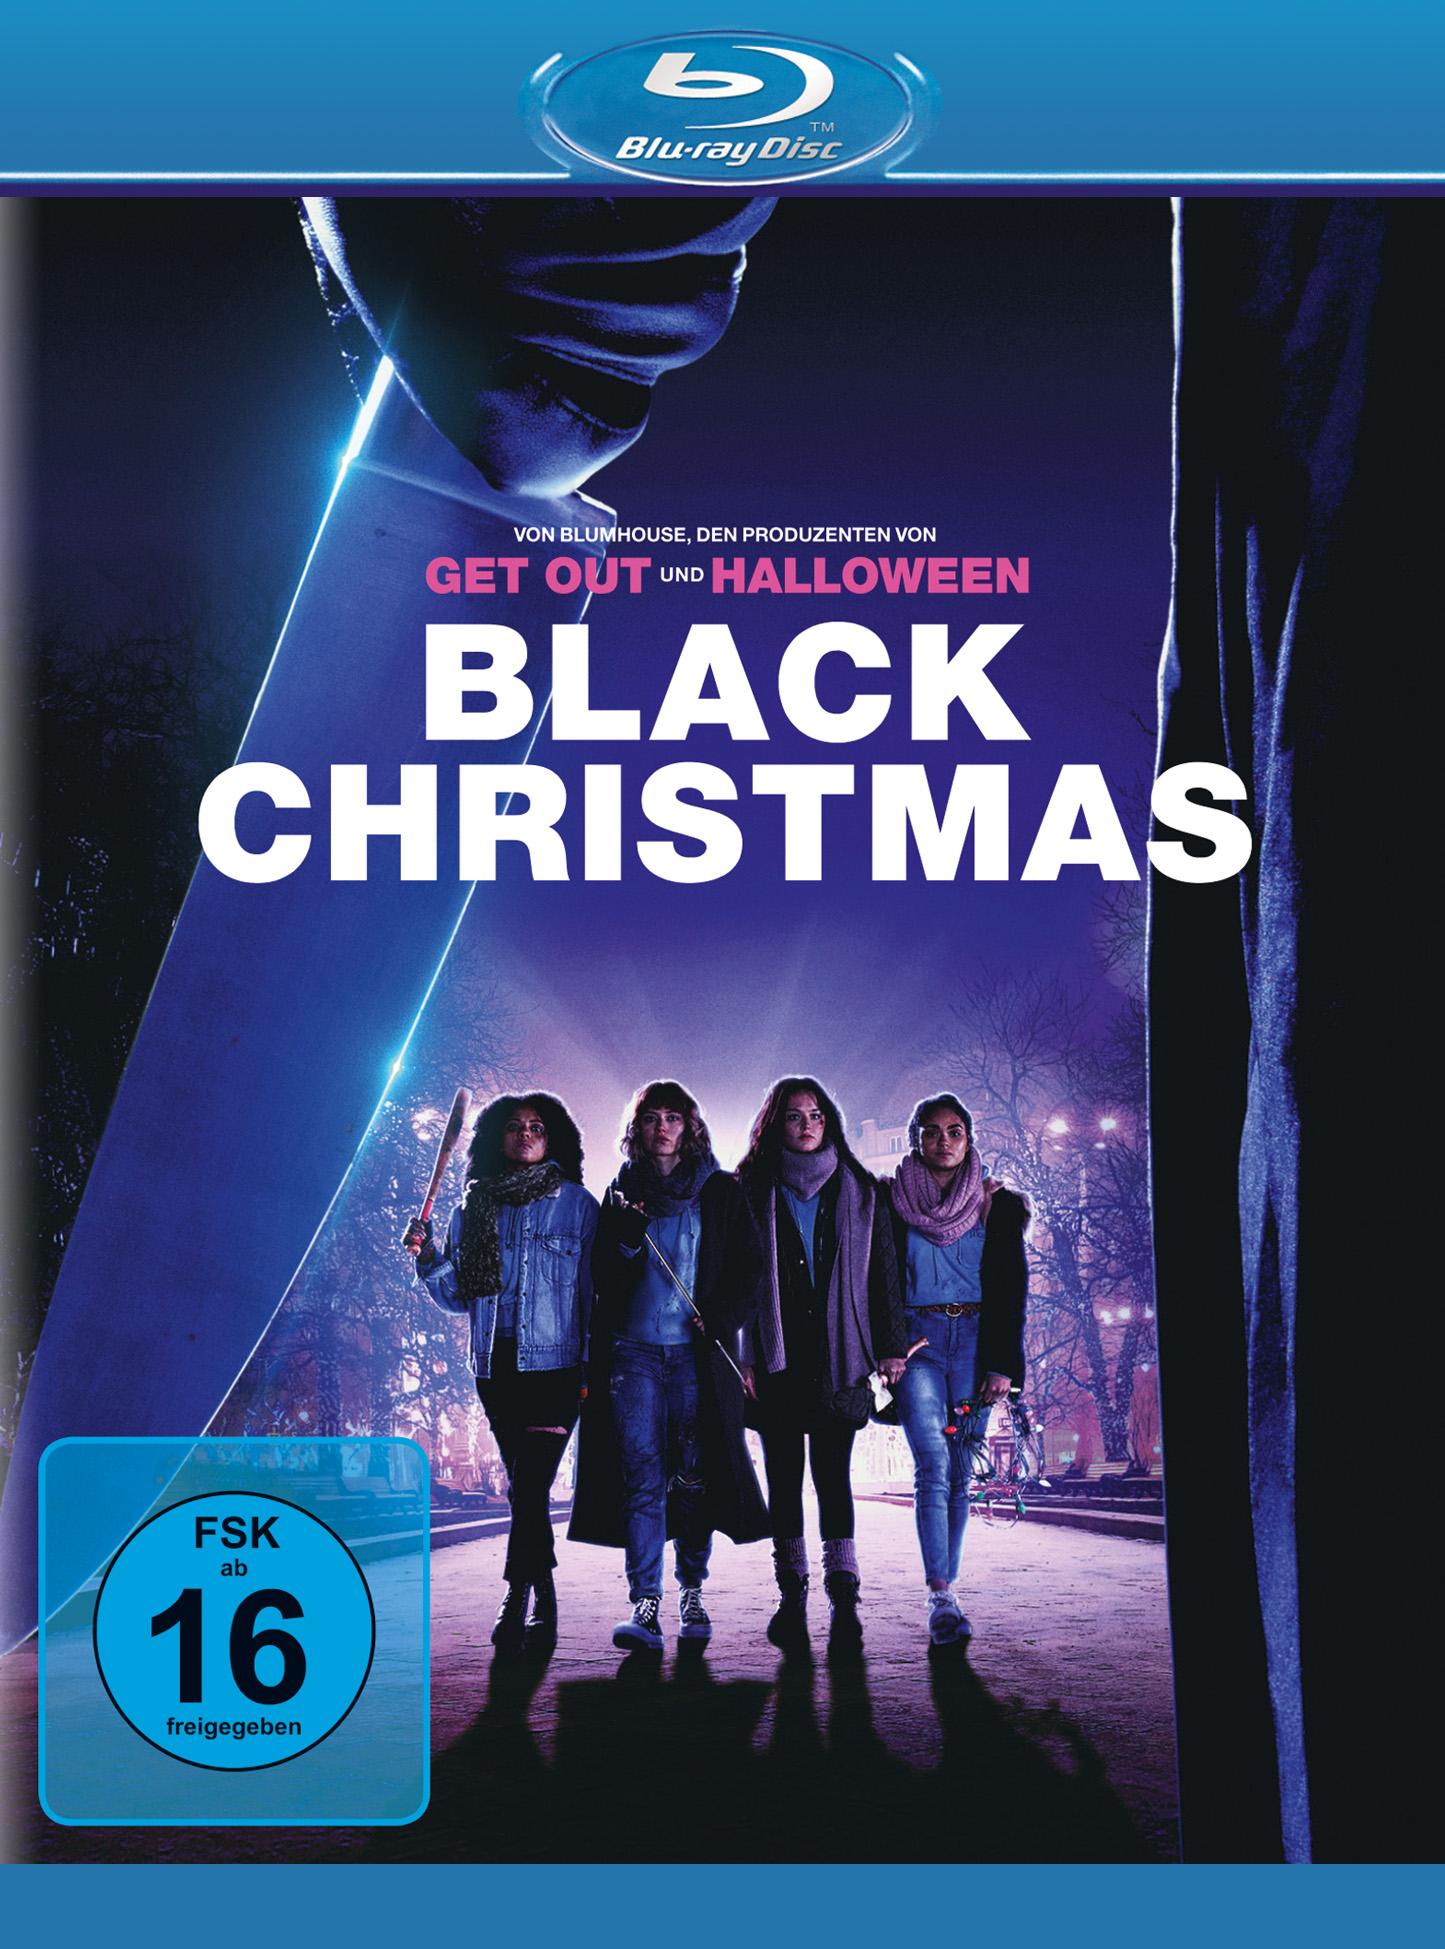 Auf diesem Blu-ray Cover zu Black Christmas 2019 stehen vier Studentinnen, die mit alltäglichen Gegenständen bewaffnet sind, einer unbekannten Person mit Messer gegenüber.